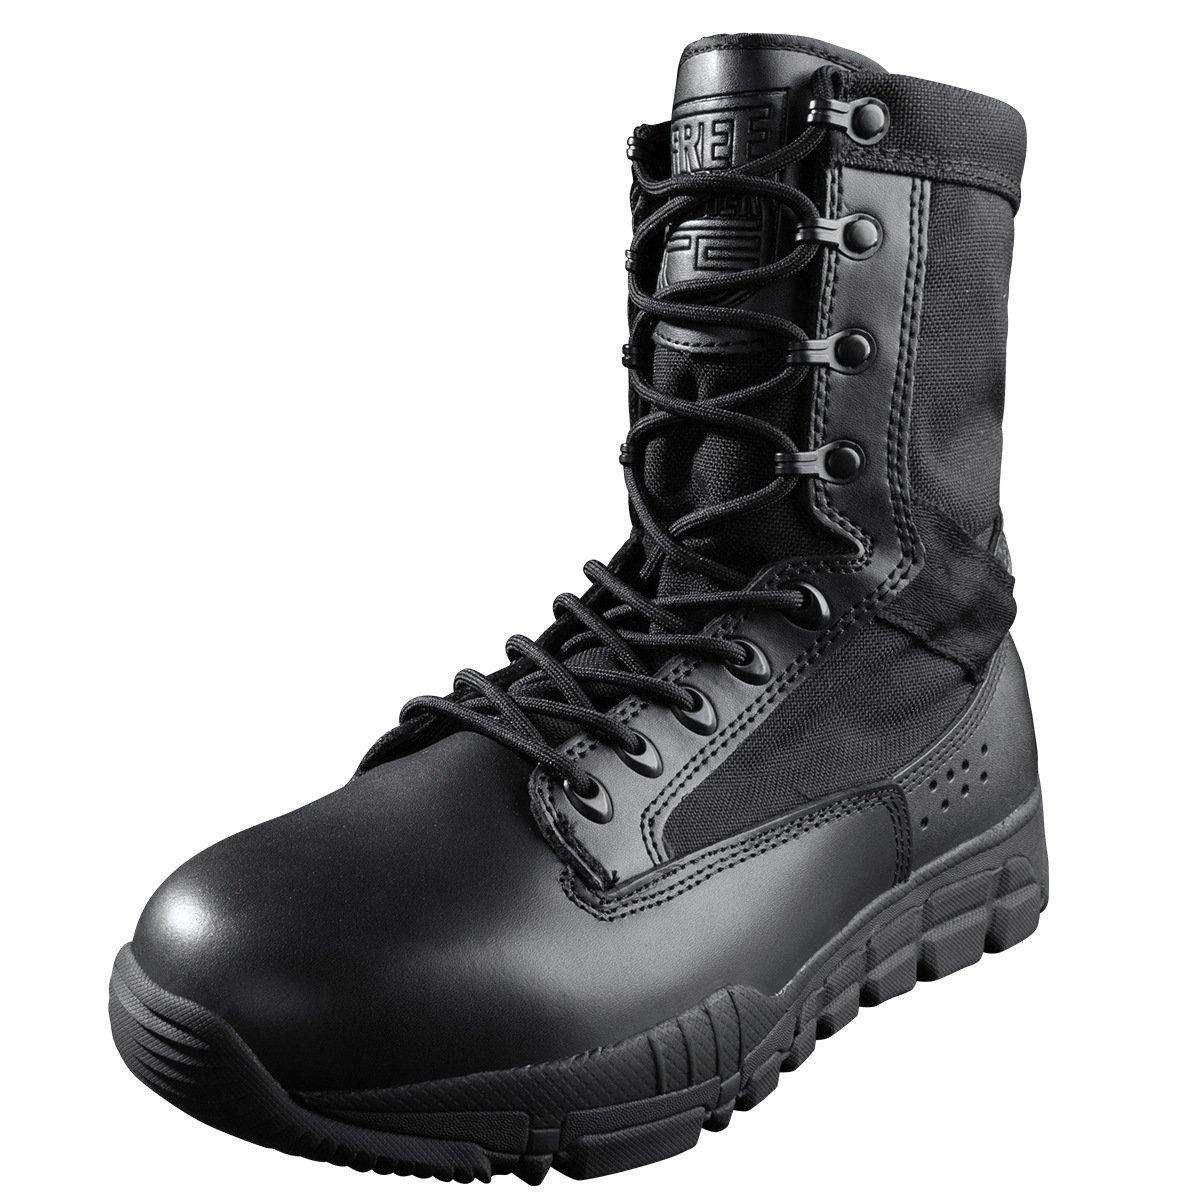 Free Soldier Mens Military Boots 8インチDeeply鋸歯状つま先とヒールバンパーデザートタンタクティカルブーツ B07489PVQS 10 D(M) US|ブラック ブラック 10 D(M) US